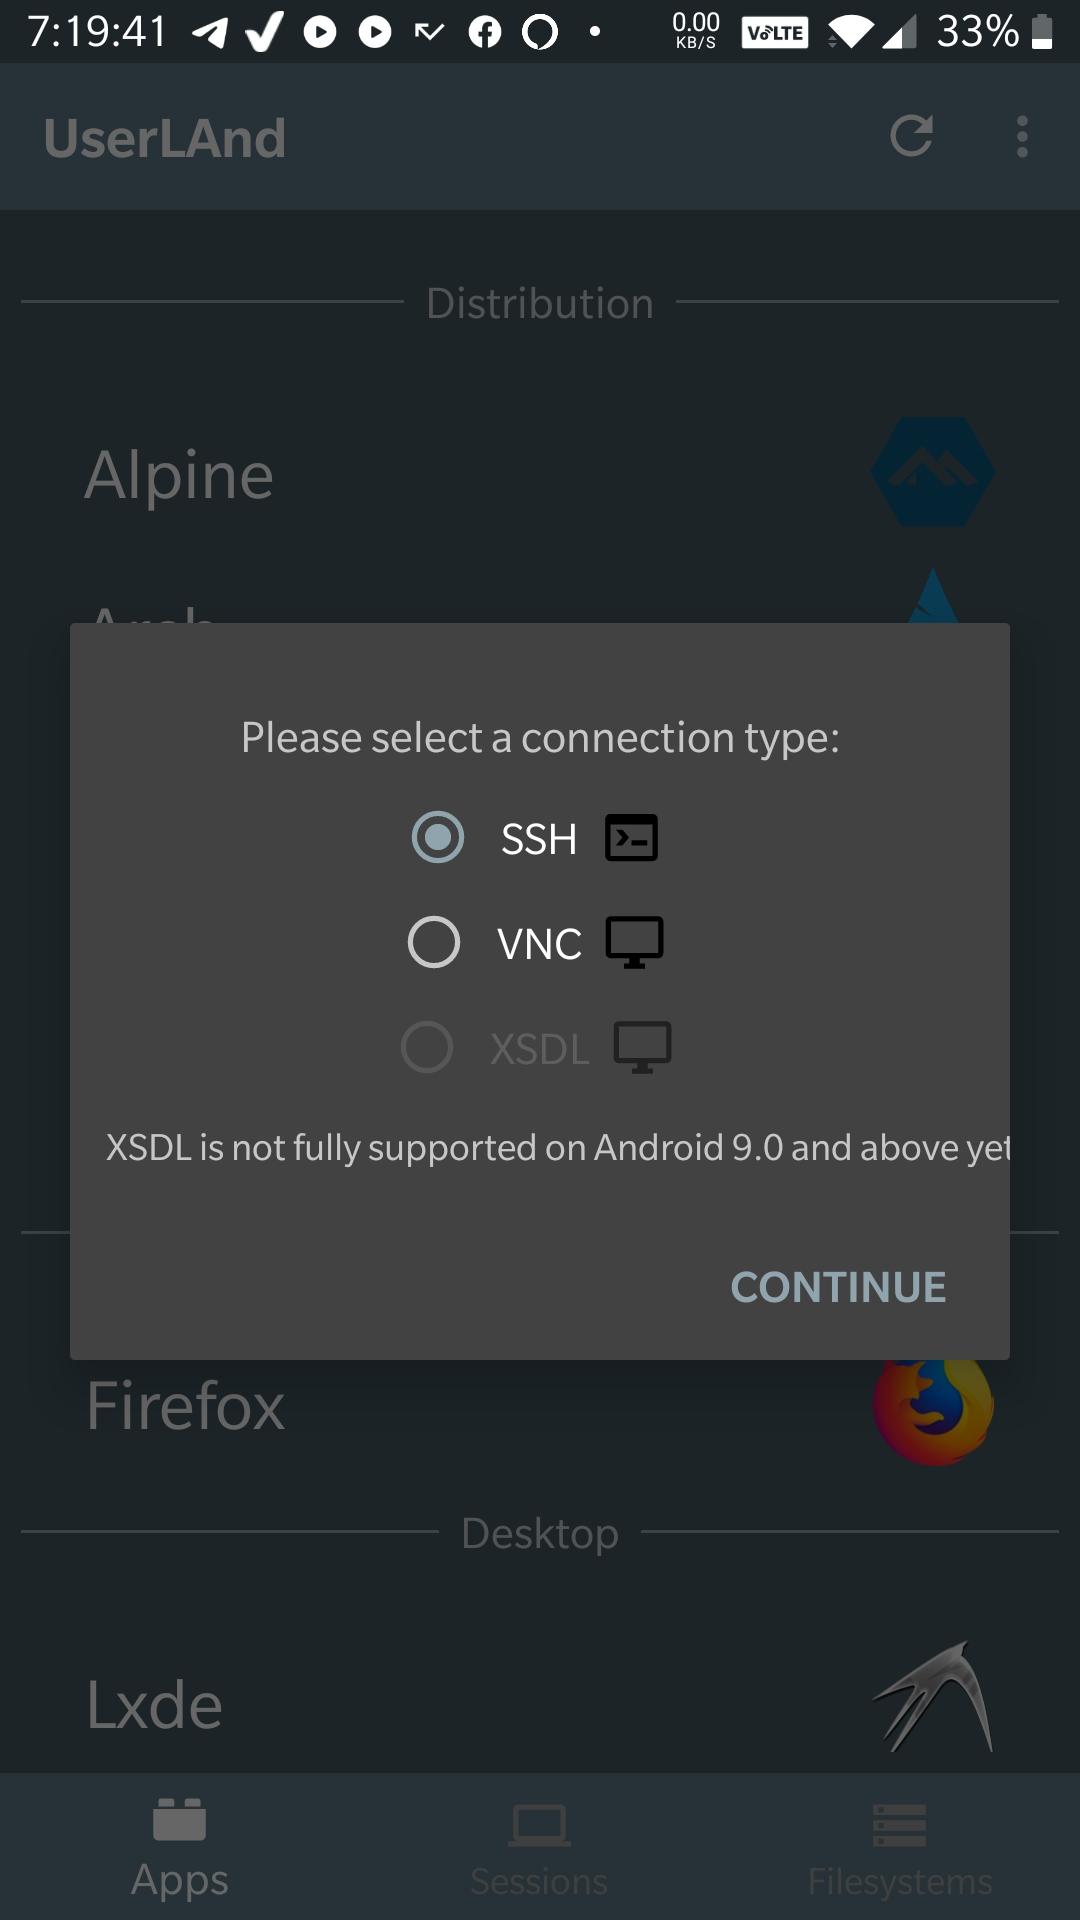 Choisissez la méthode pour connecter Android